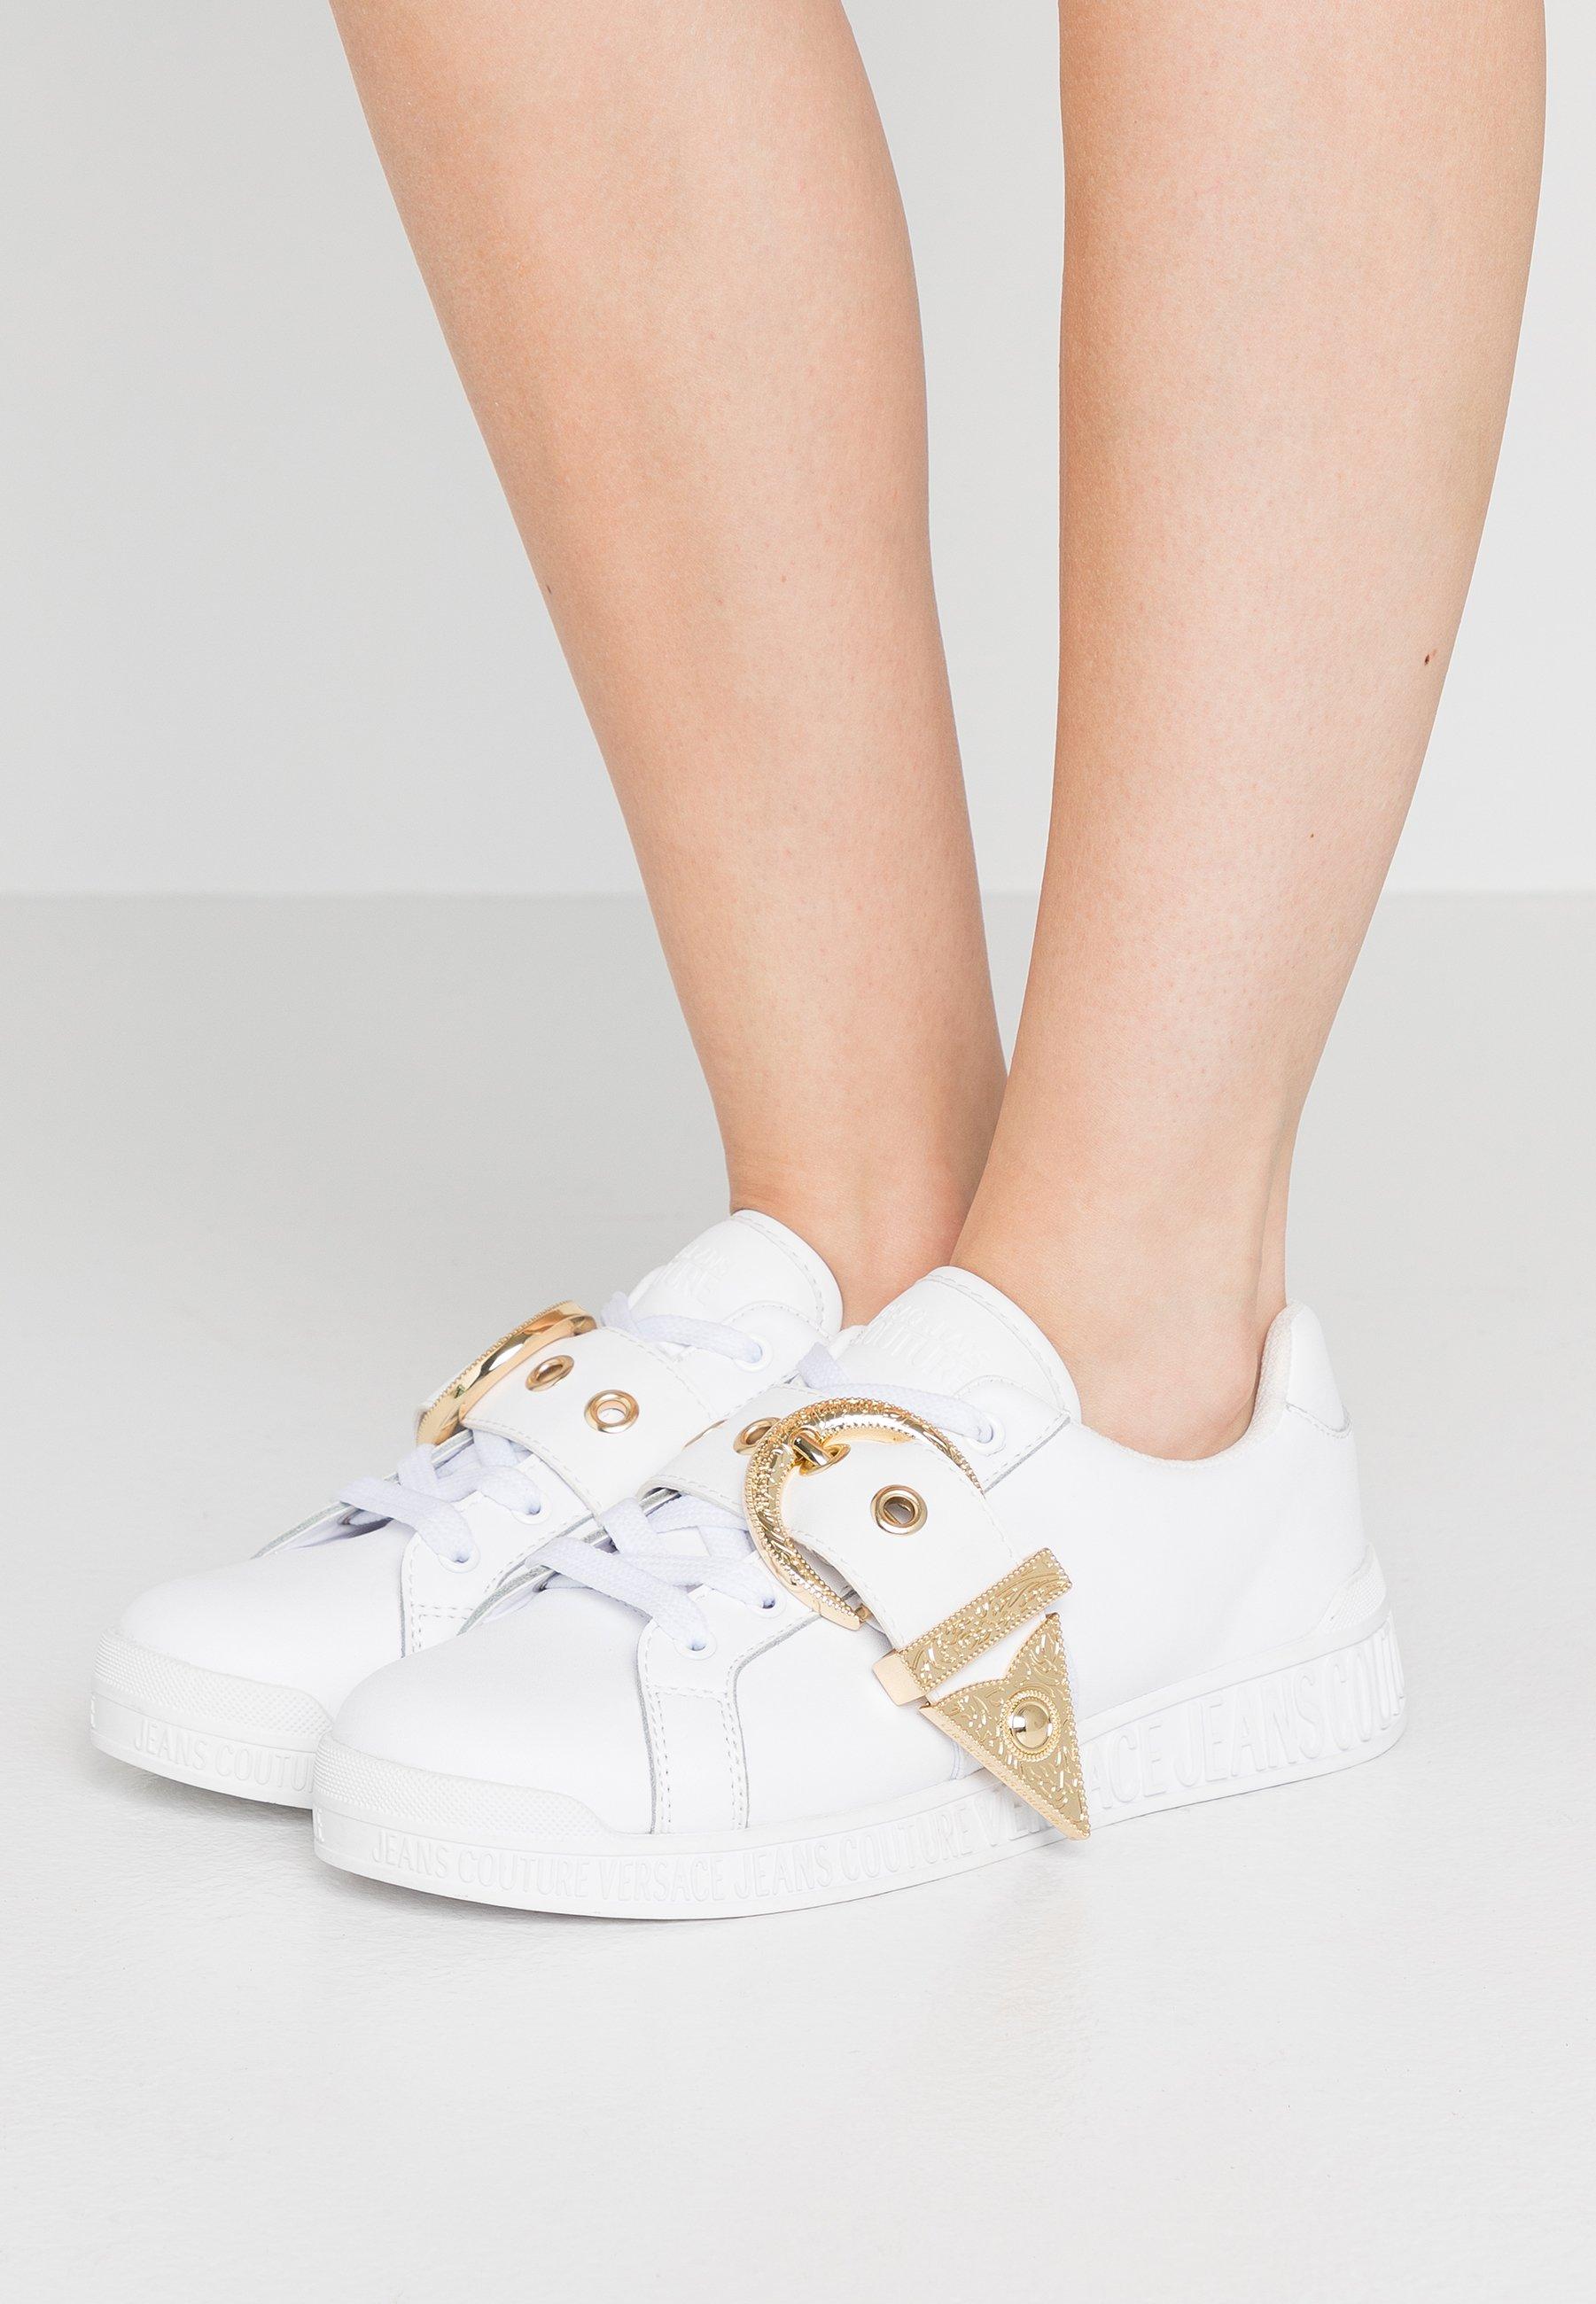 Chaussures femme de luxe | Tous les articles chez Zalando